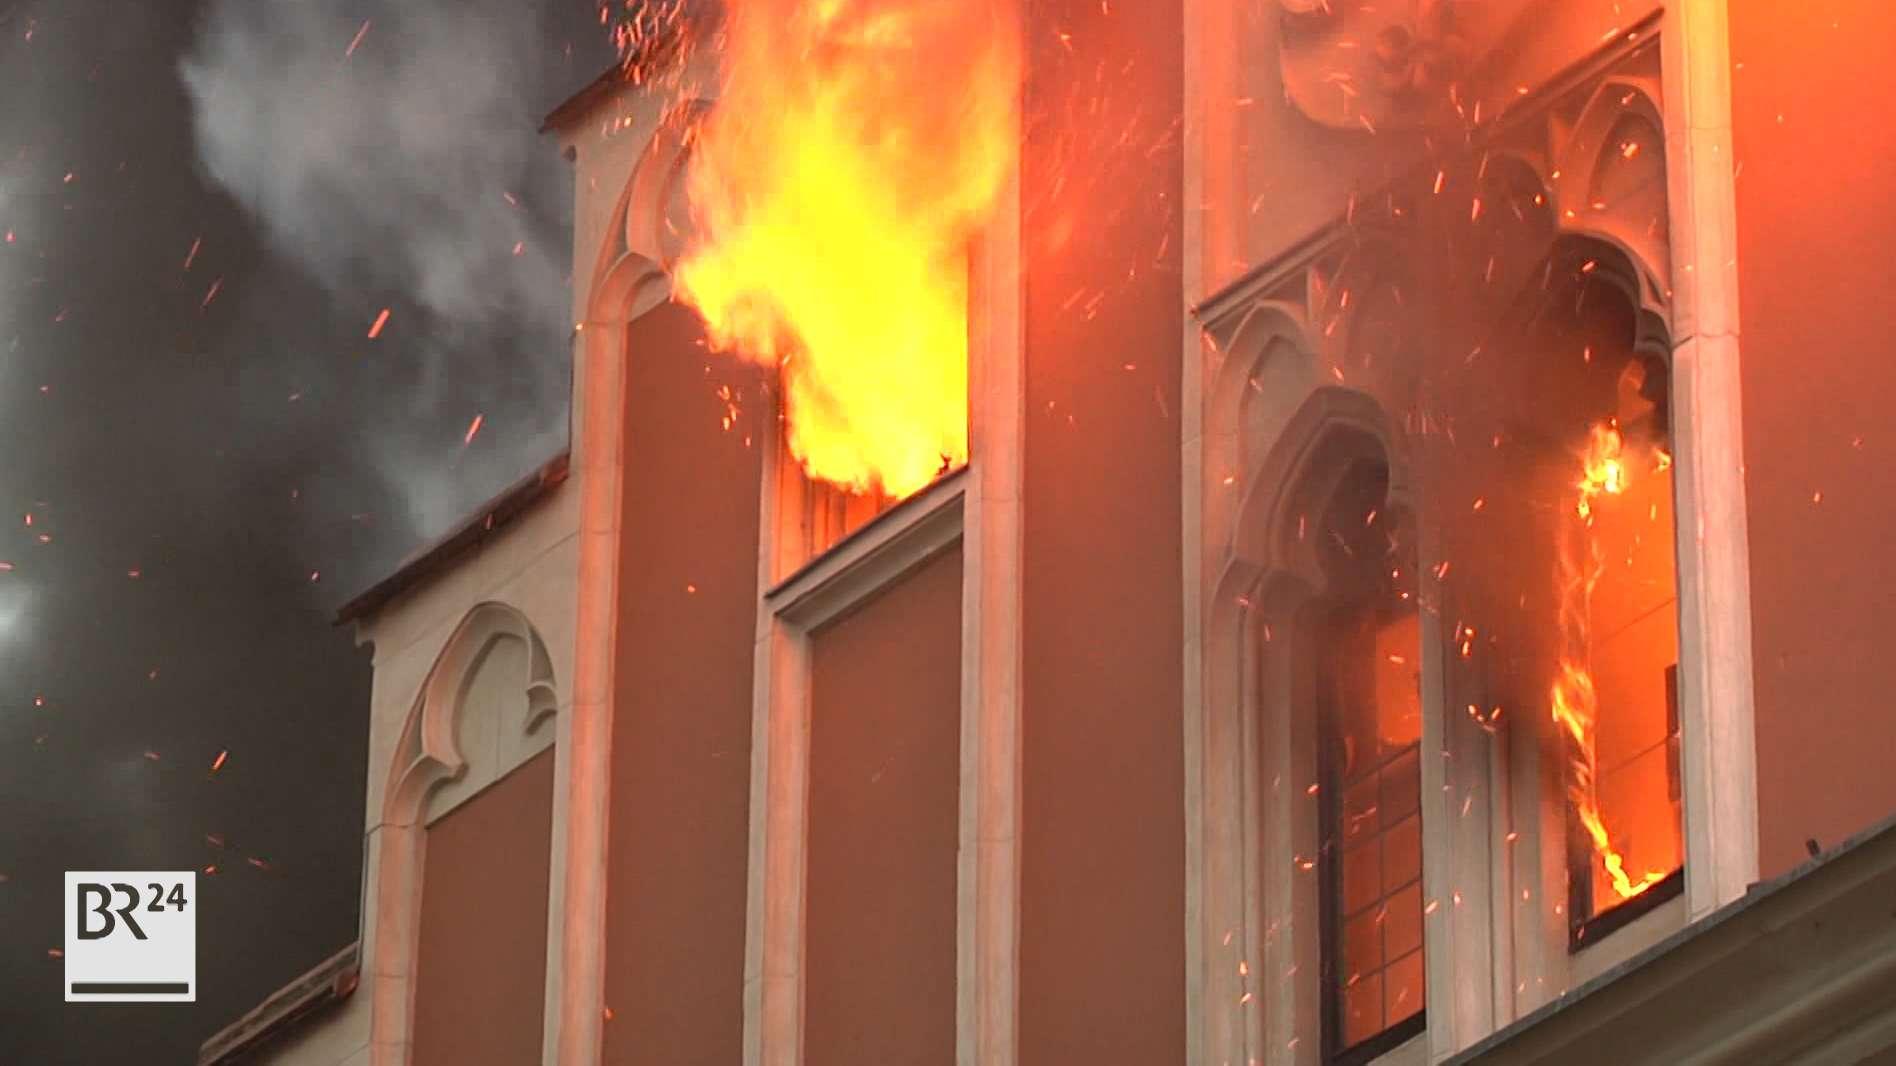 Nach dem Brand in der Pariser Kathedrale Notre-Dame werden auch in Bayern böse Erinnerungen wach. In Straubing brannte 2016 das alte Rathaus.